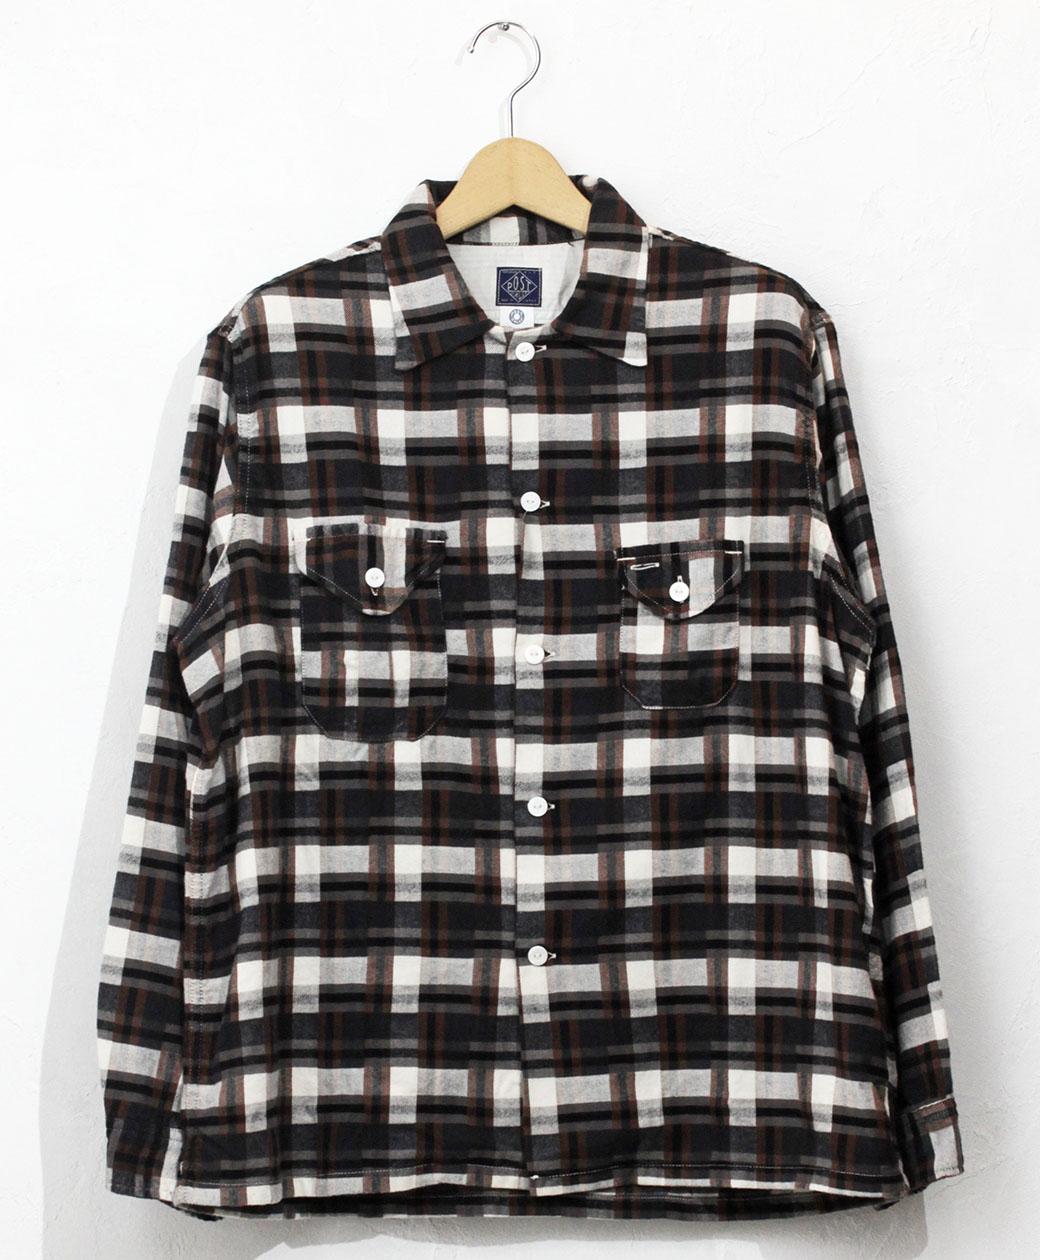 POST O'ALLS #3209 E-Z Cruzer CF7 / cotton flannel plaid grey x brown